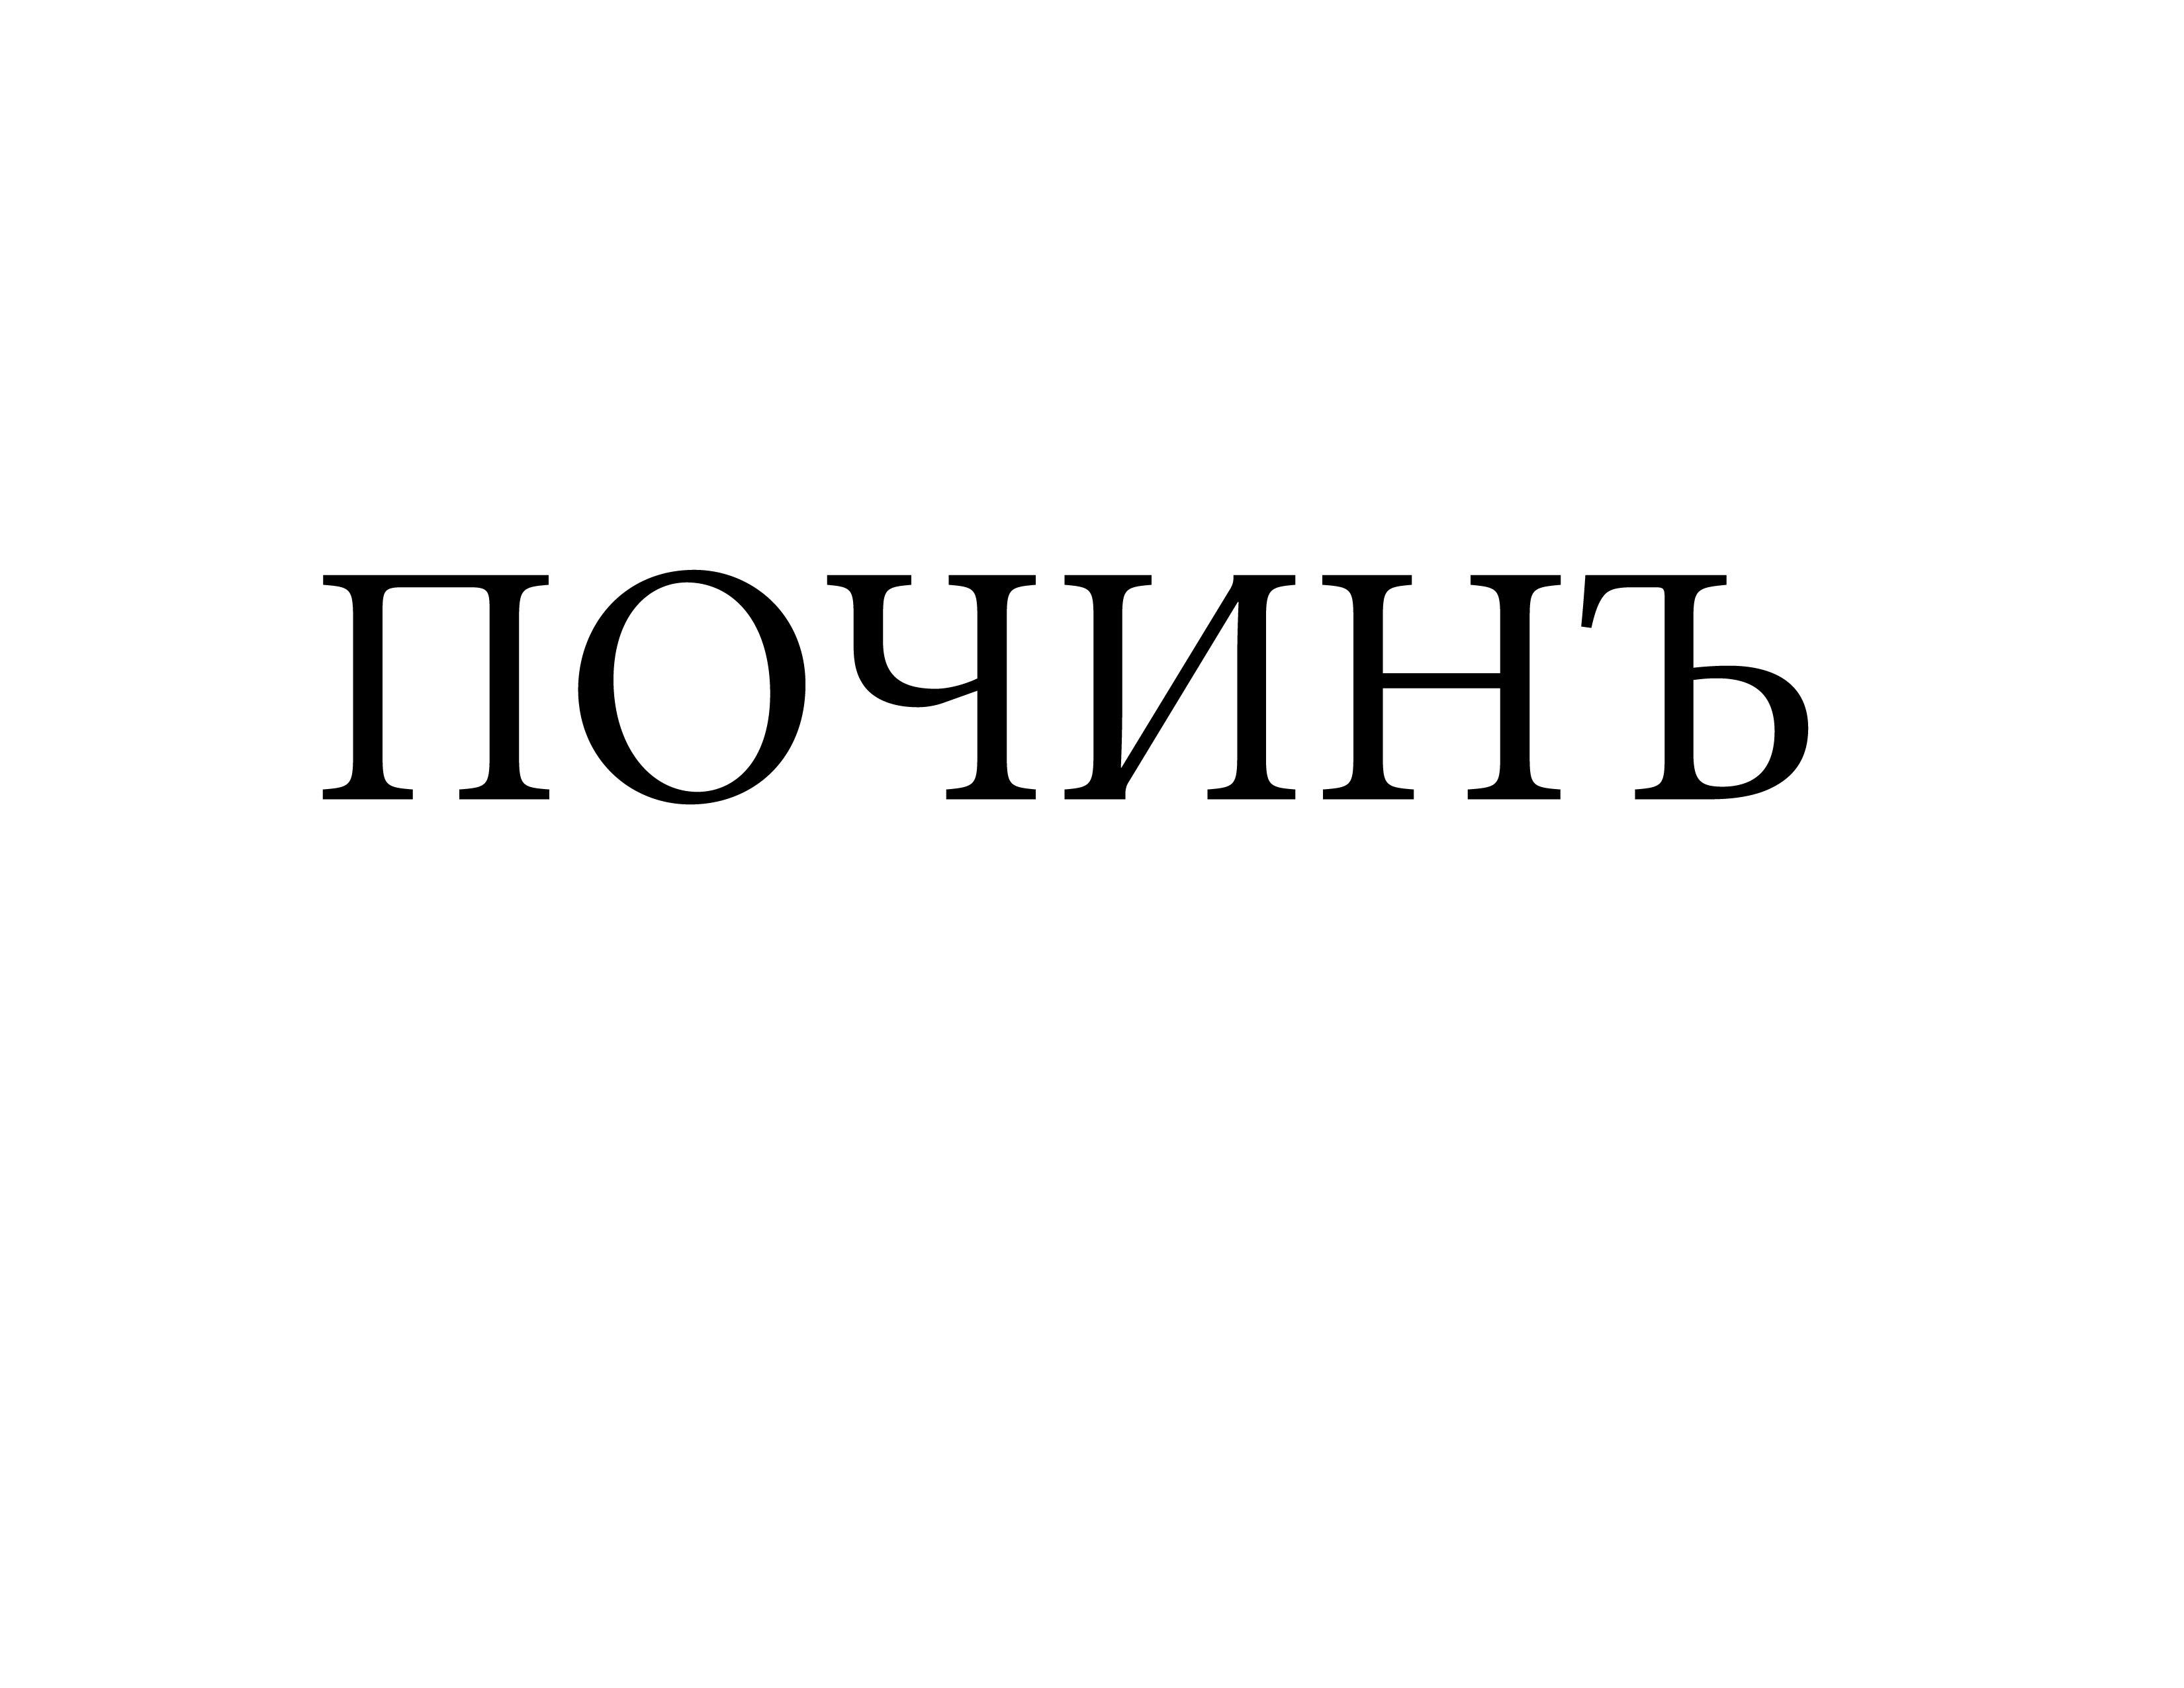 Придумать название автосервису фото f_63455303e130c333.jpg